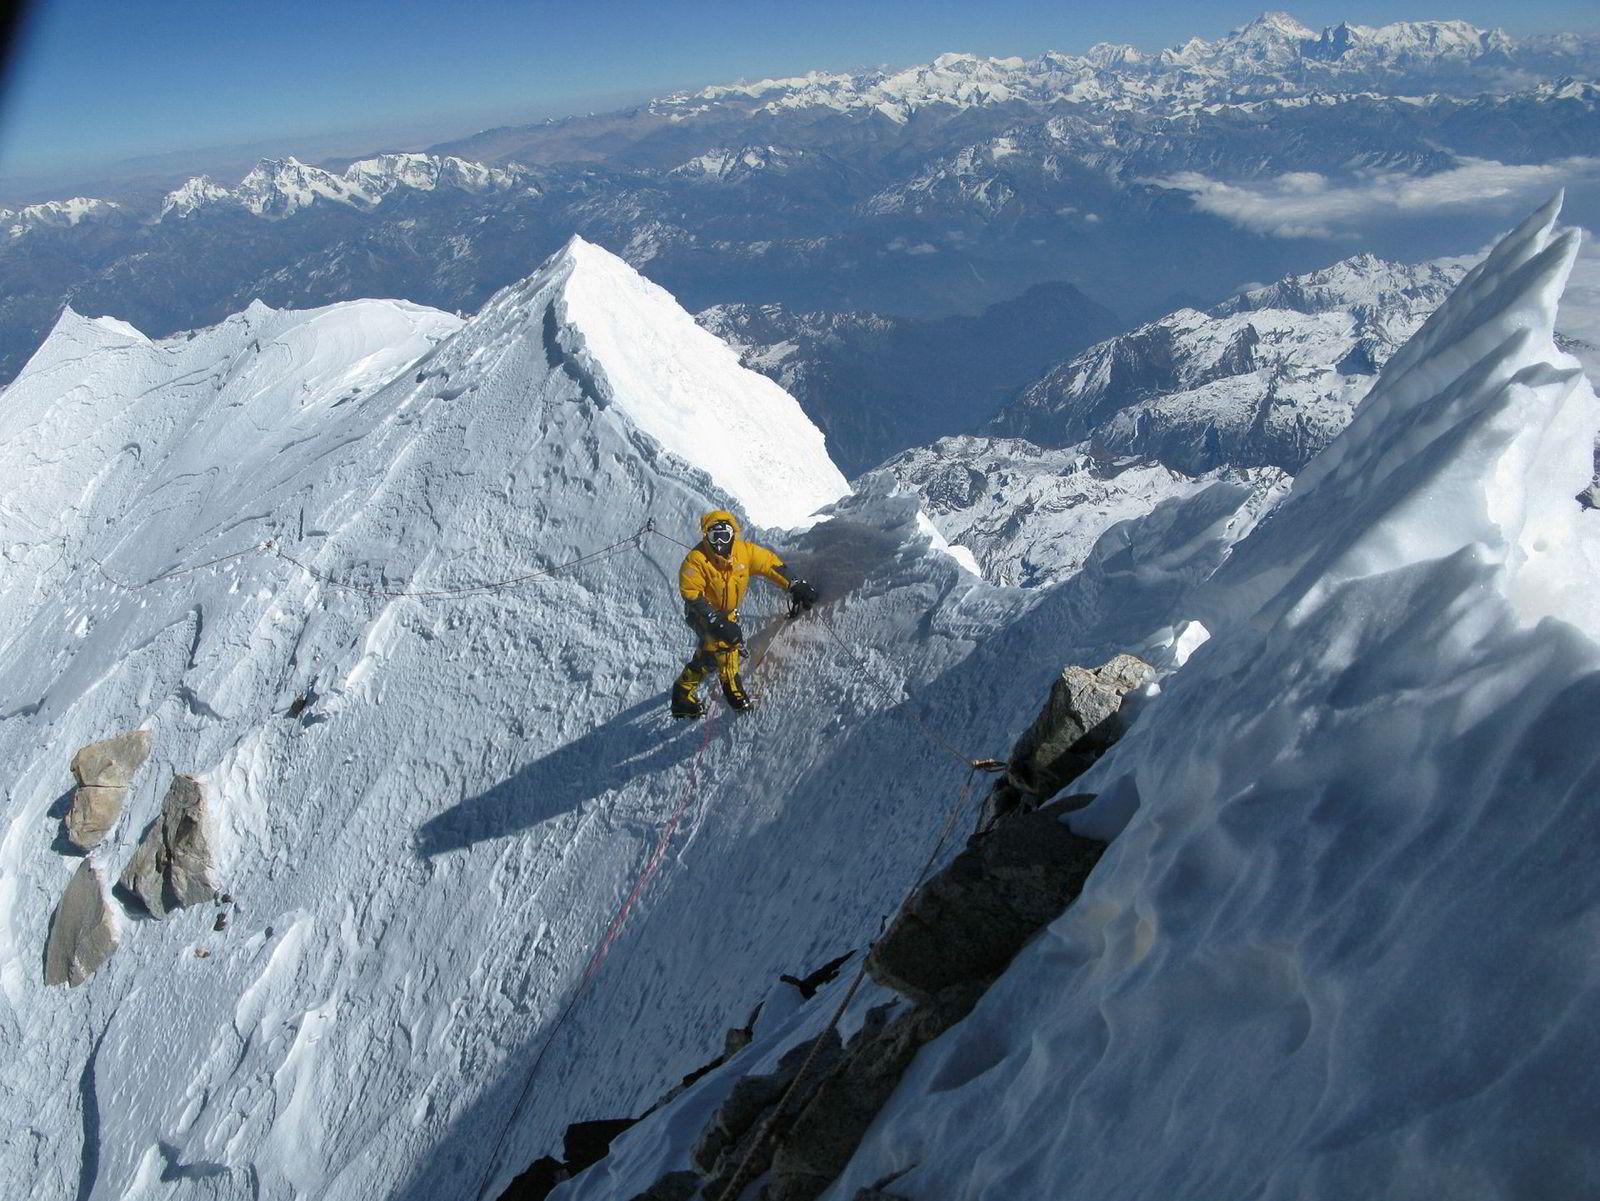 Bestigningene av Nanga Parbat, Shishapangma, Gasherbrum II og her Makalu har gitt Simone Moro stjernestatus blant klatrere.